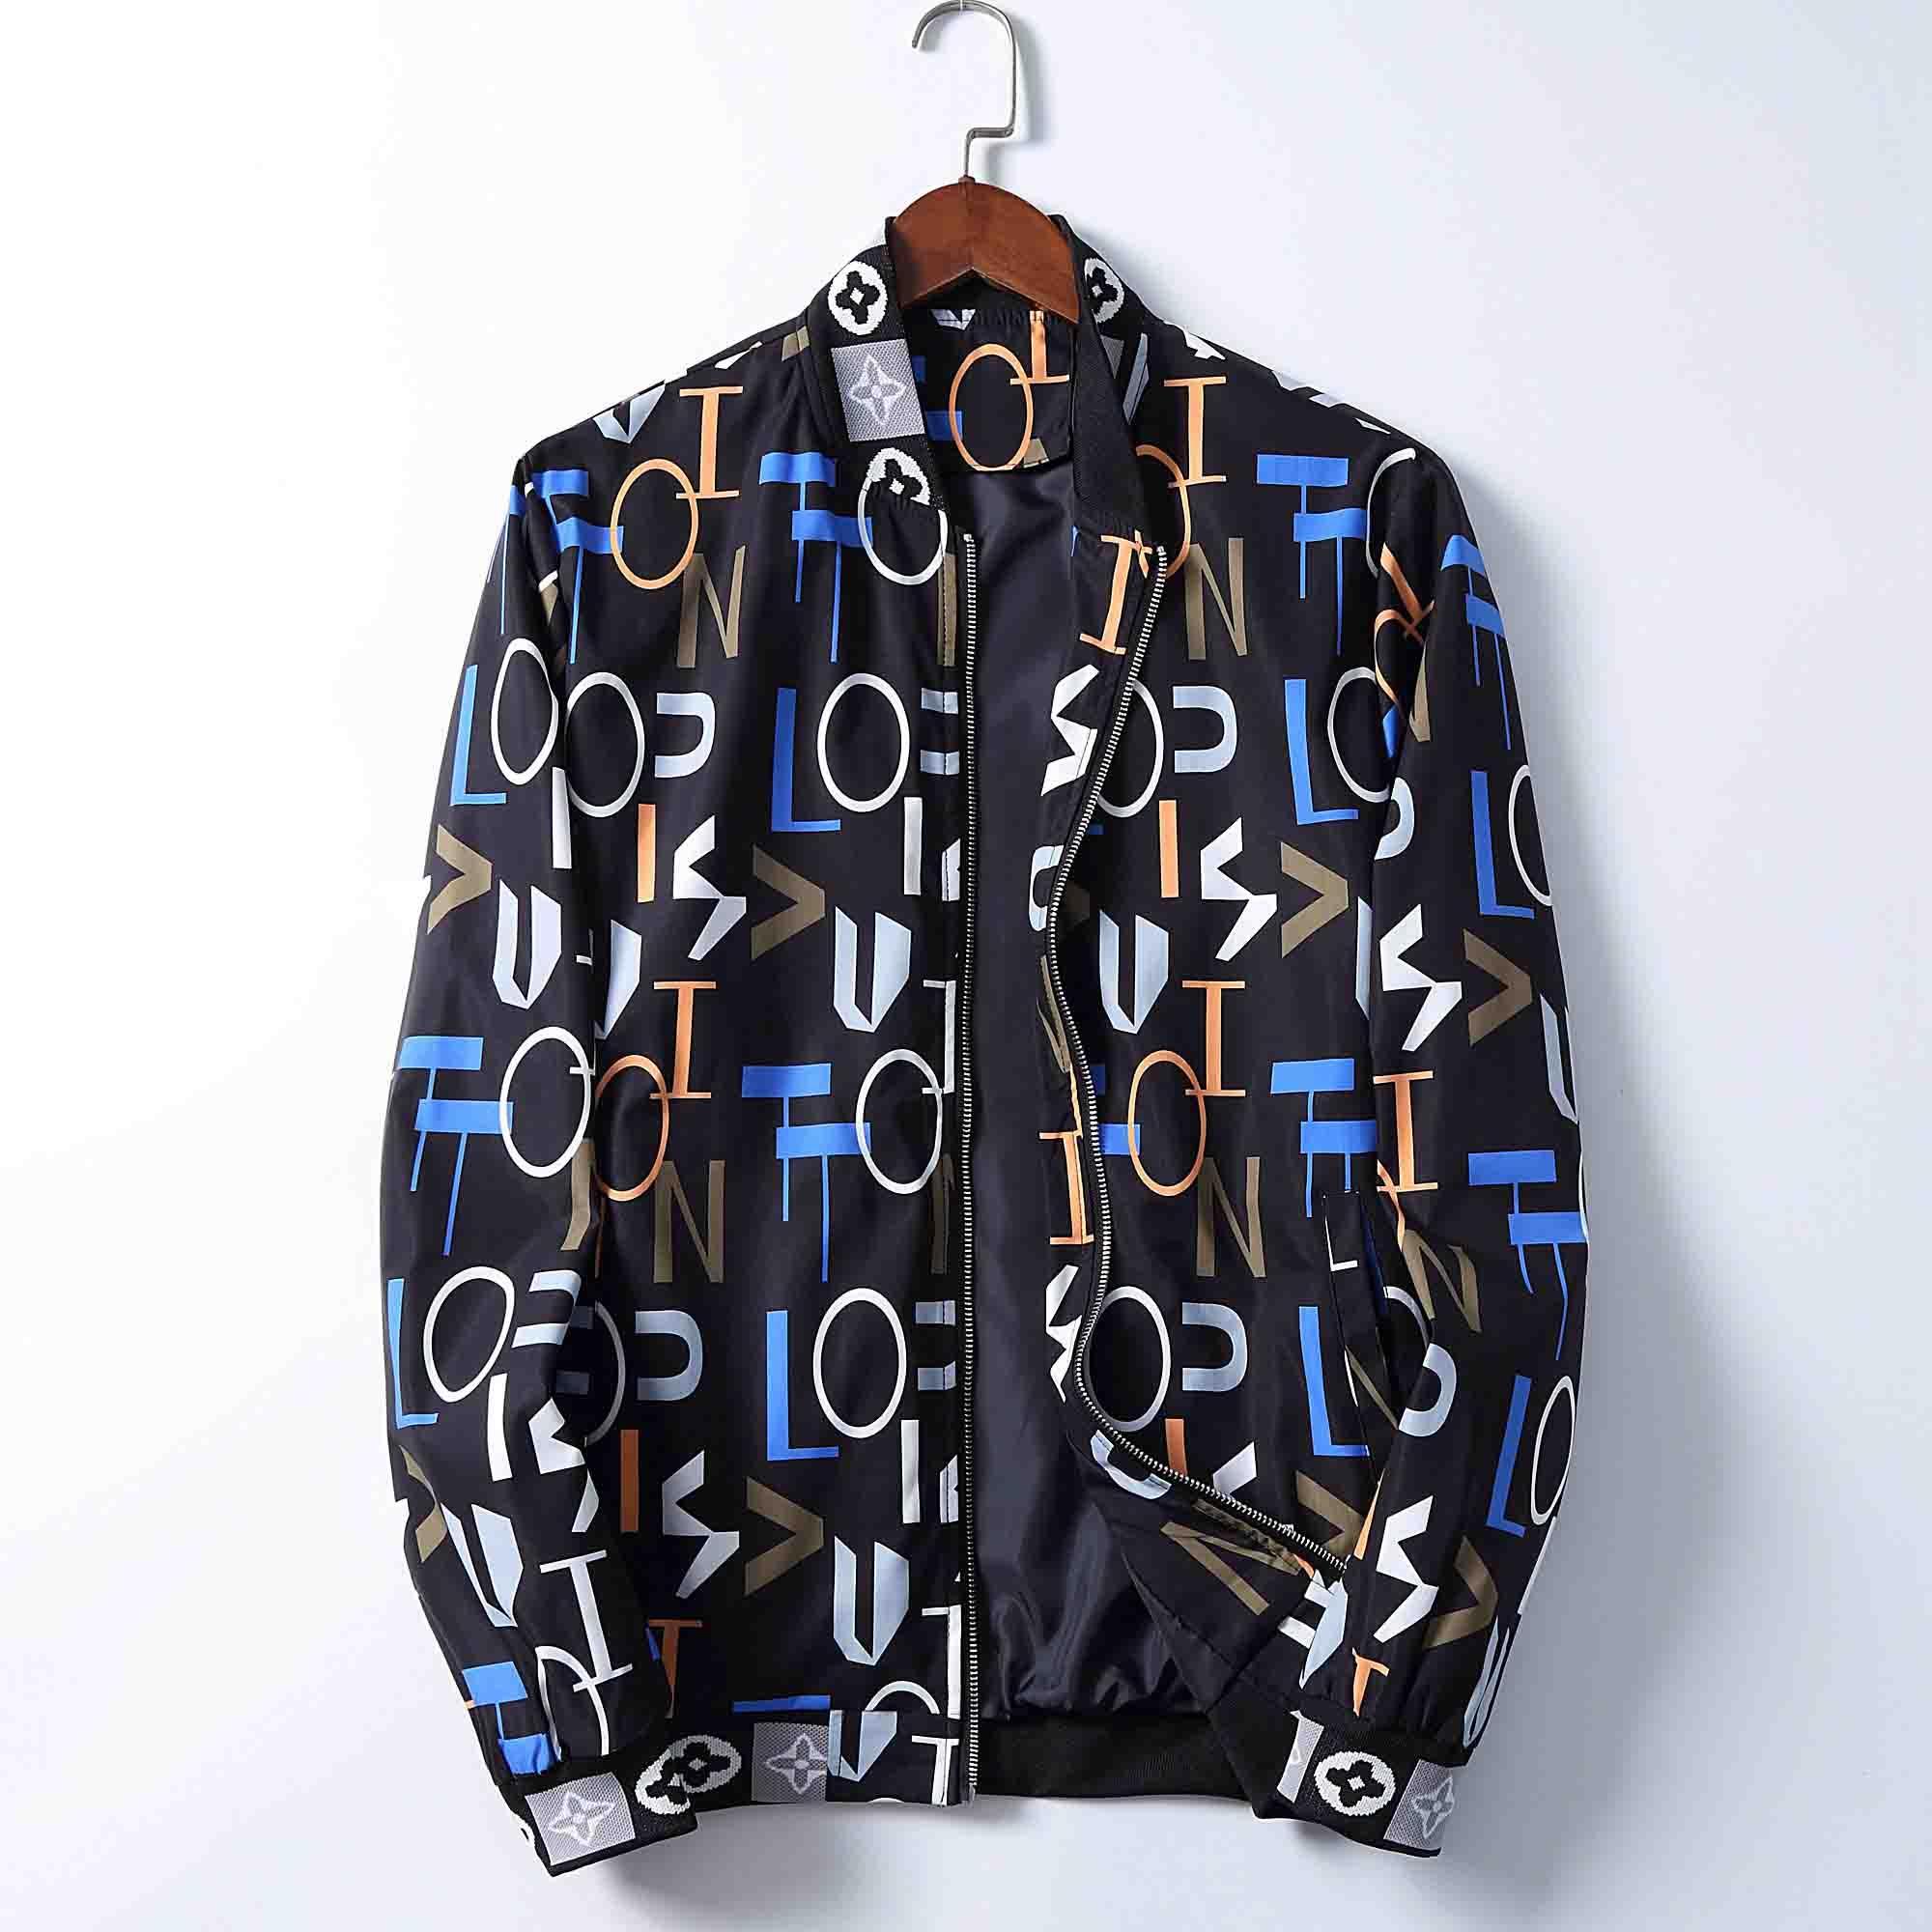 2020 caldo Mens Jackets autunno-inverno del rivestimento del cappotto di stampa della lettera di colore nera per gli uomini e le donne asiatiche formato M-3XL